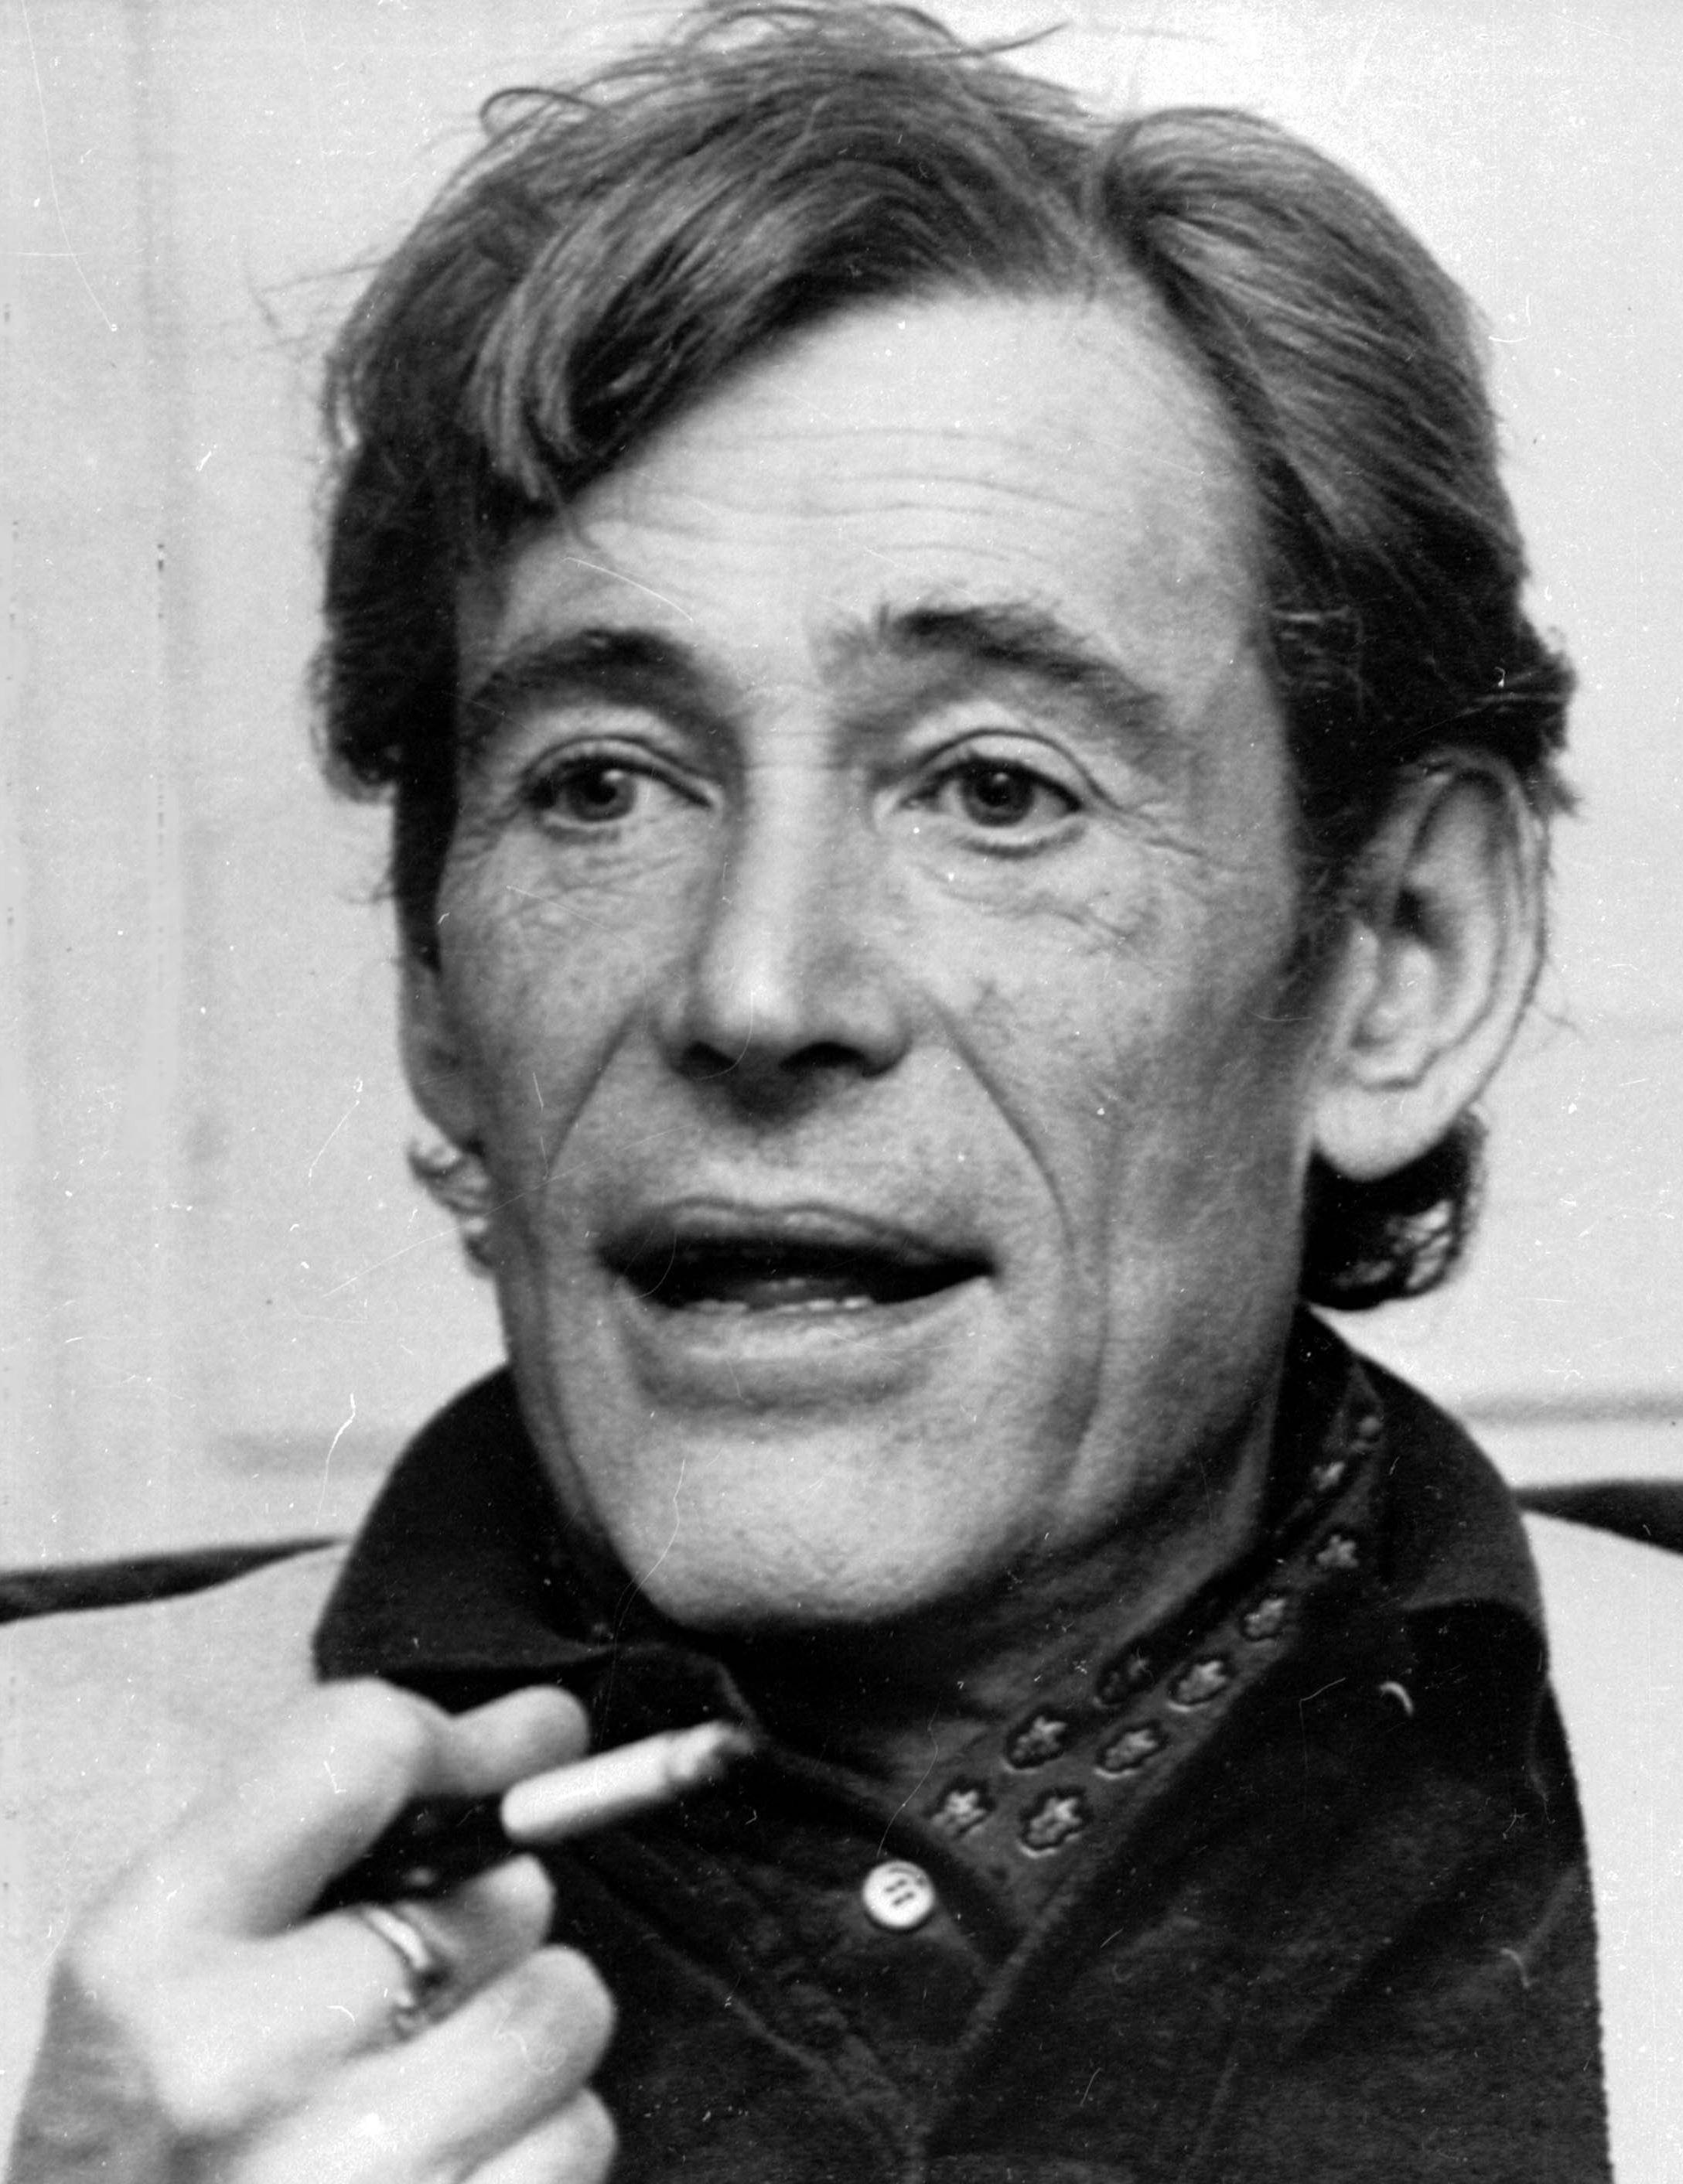 Peter-O-Toole-1980